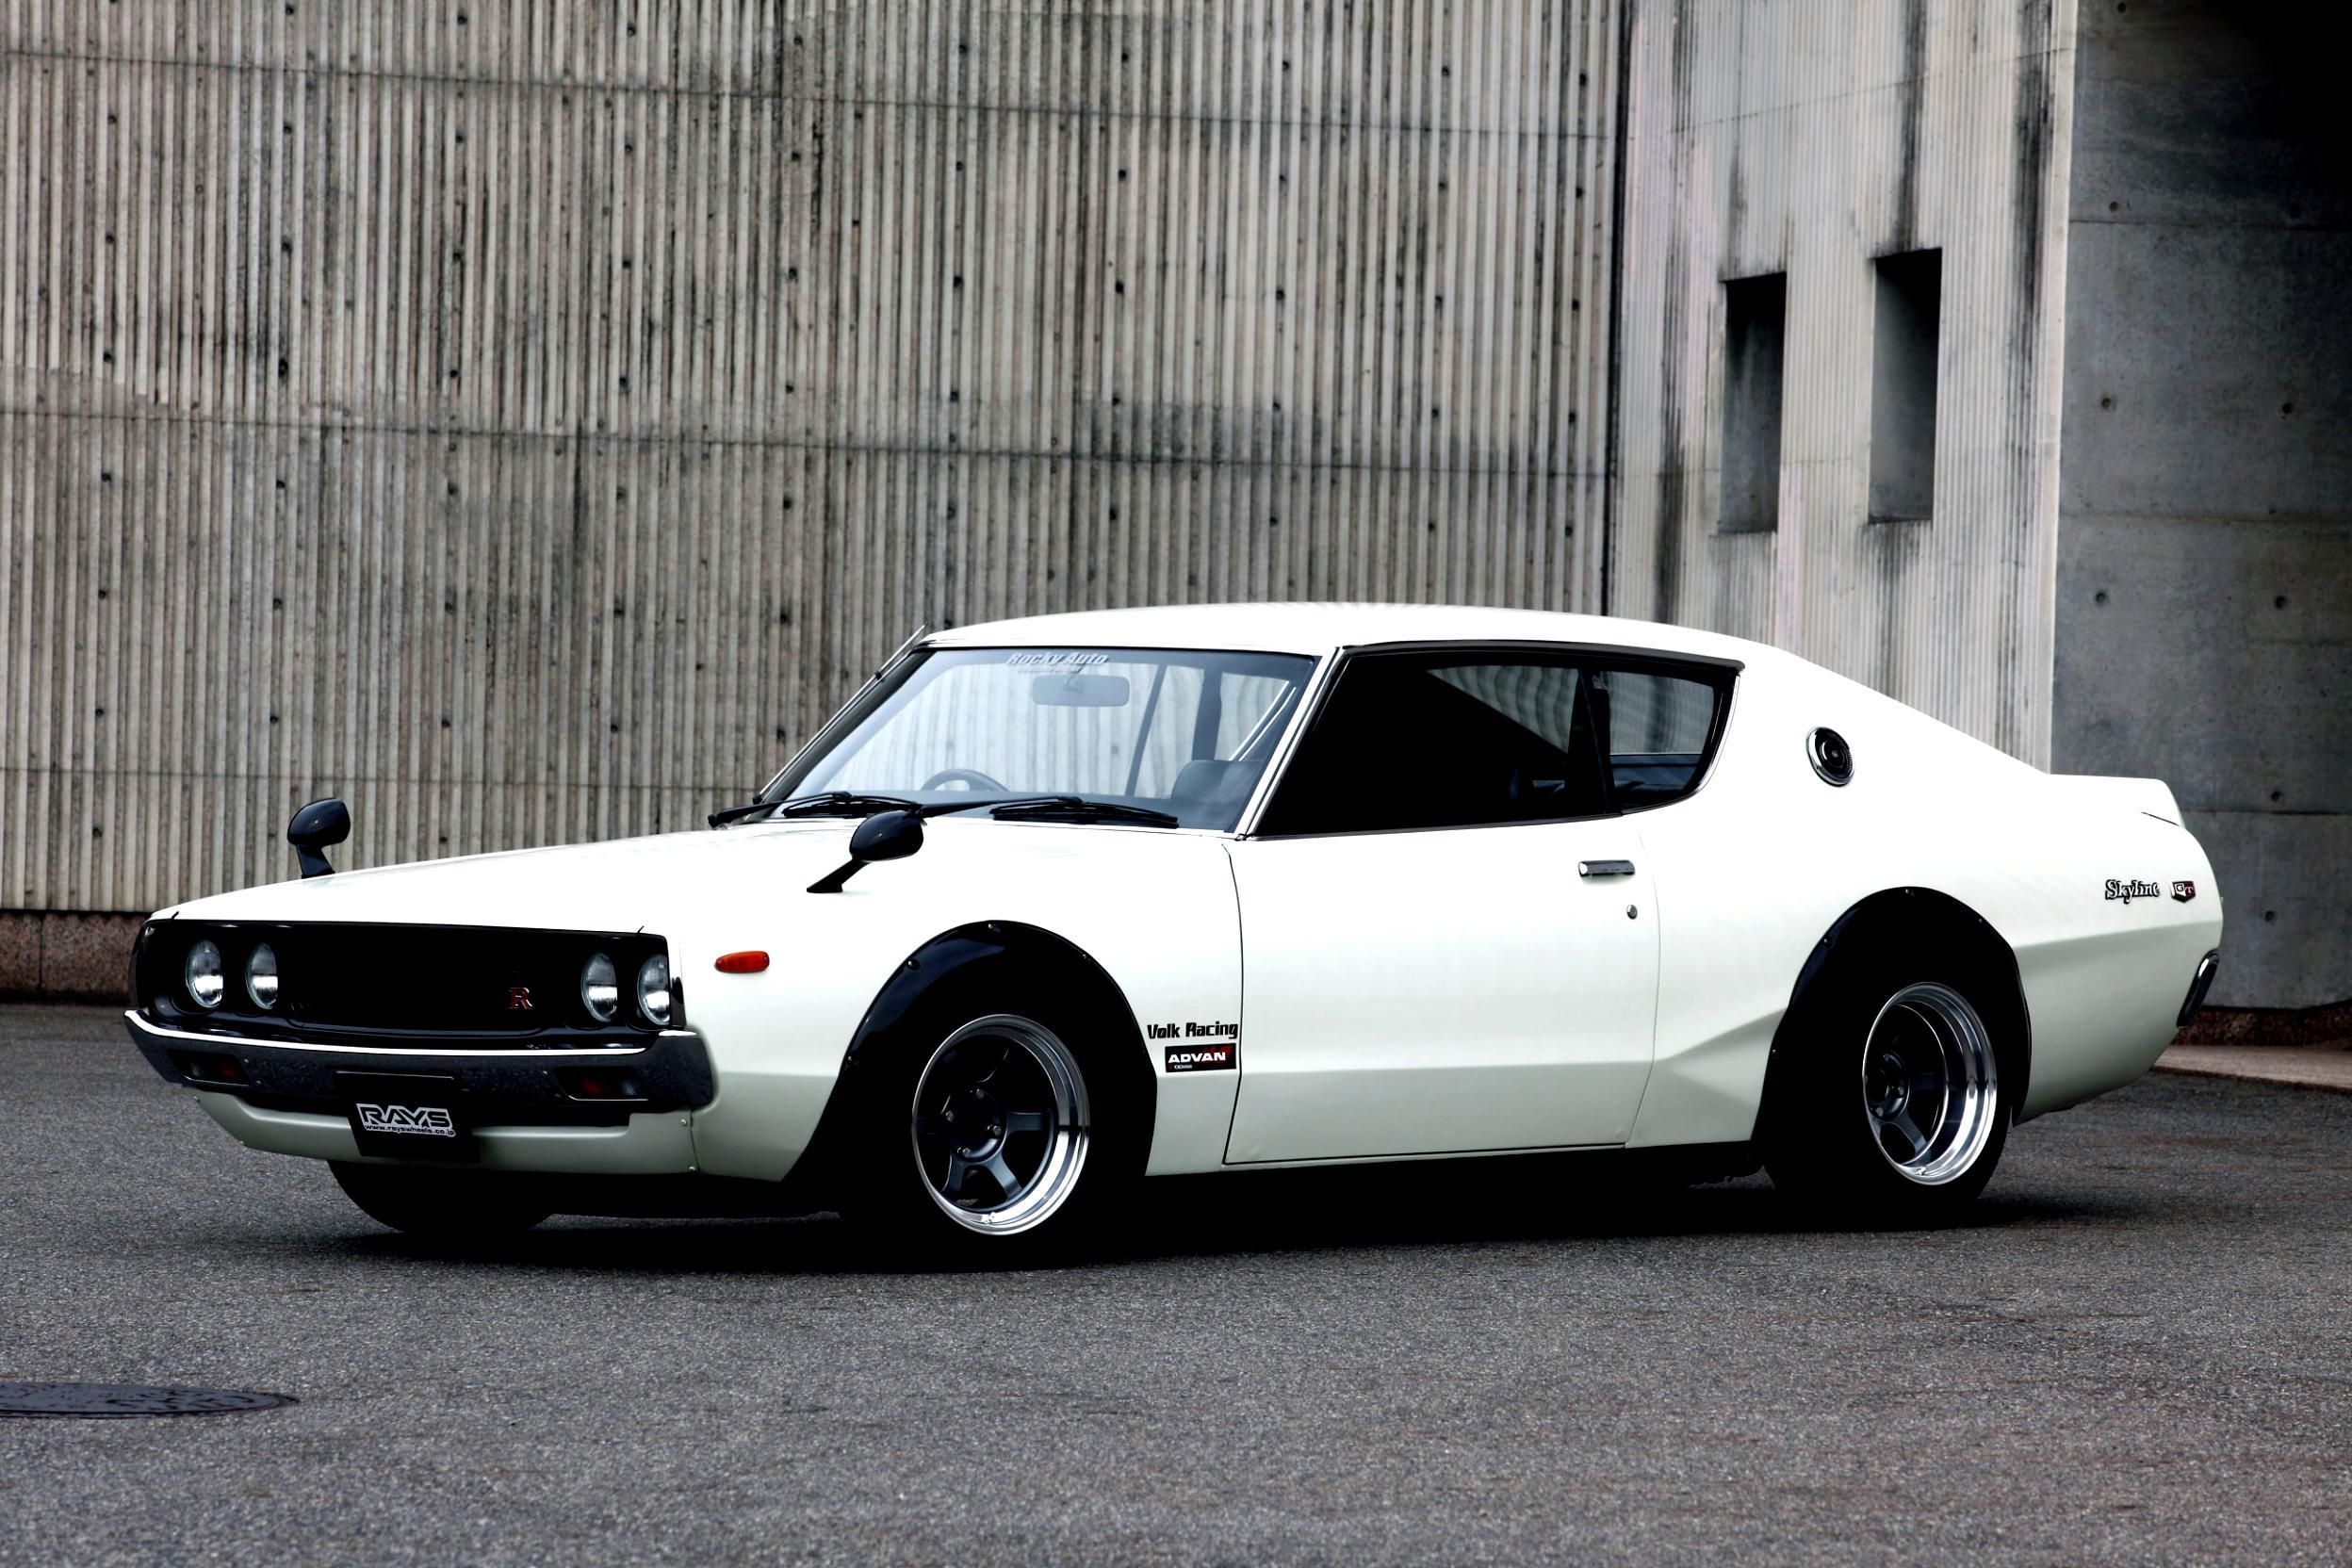 Nissan Skyline Gt R C110 1972 On Motoimg Com